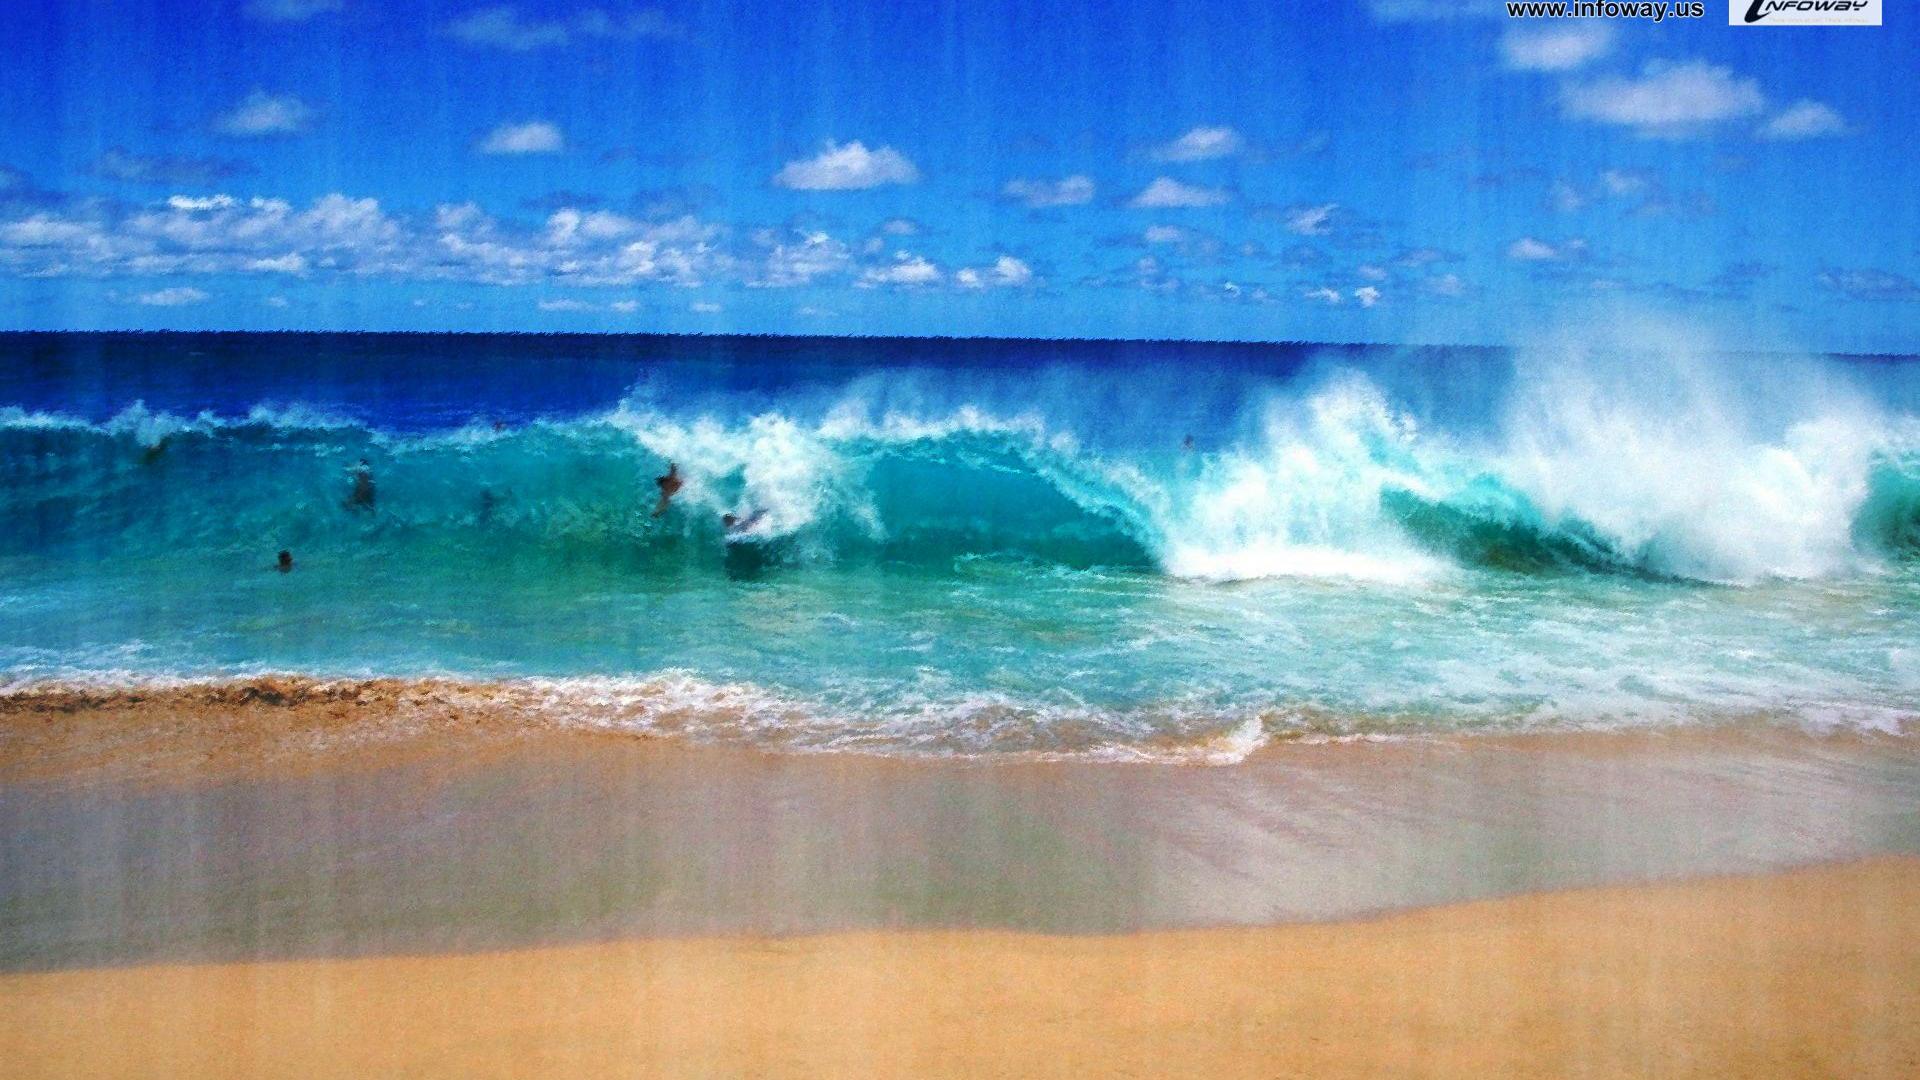 1920x1200px ocean scene wallpaper wallpapersafari